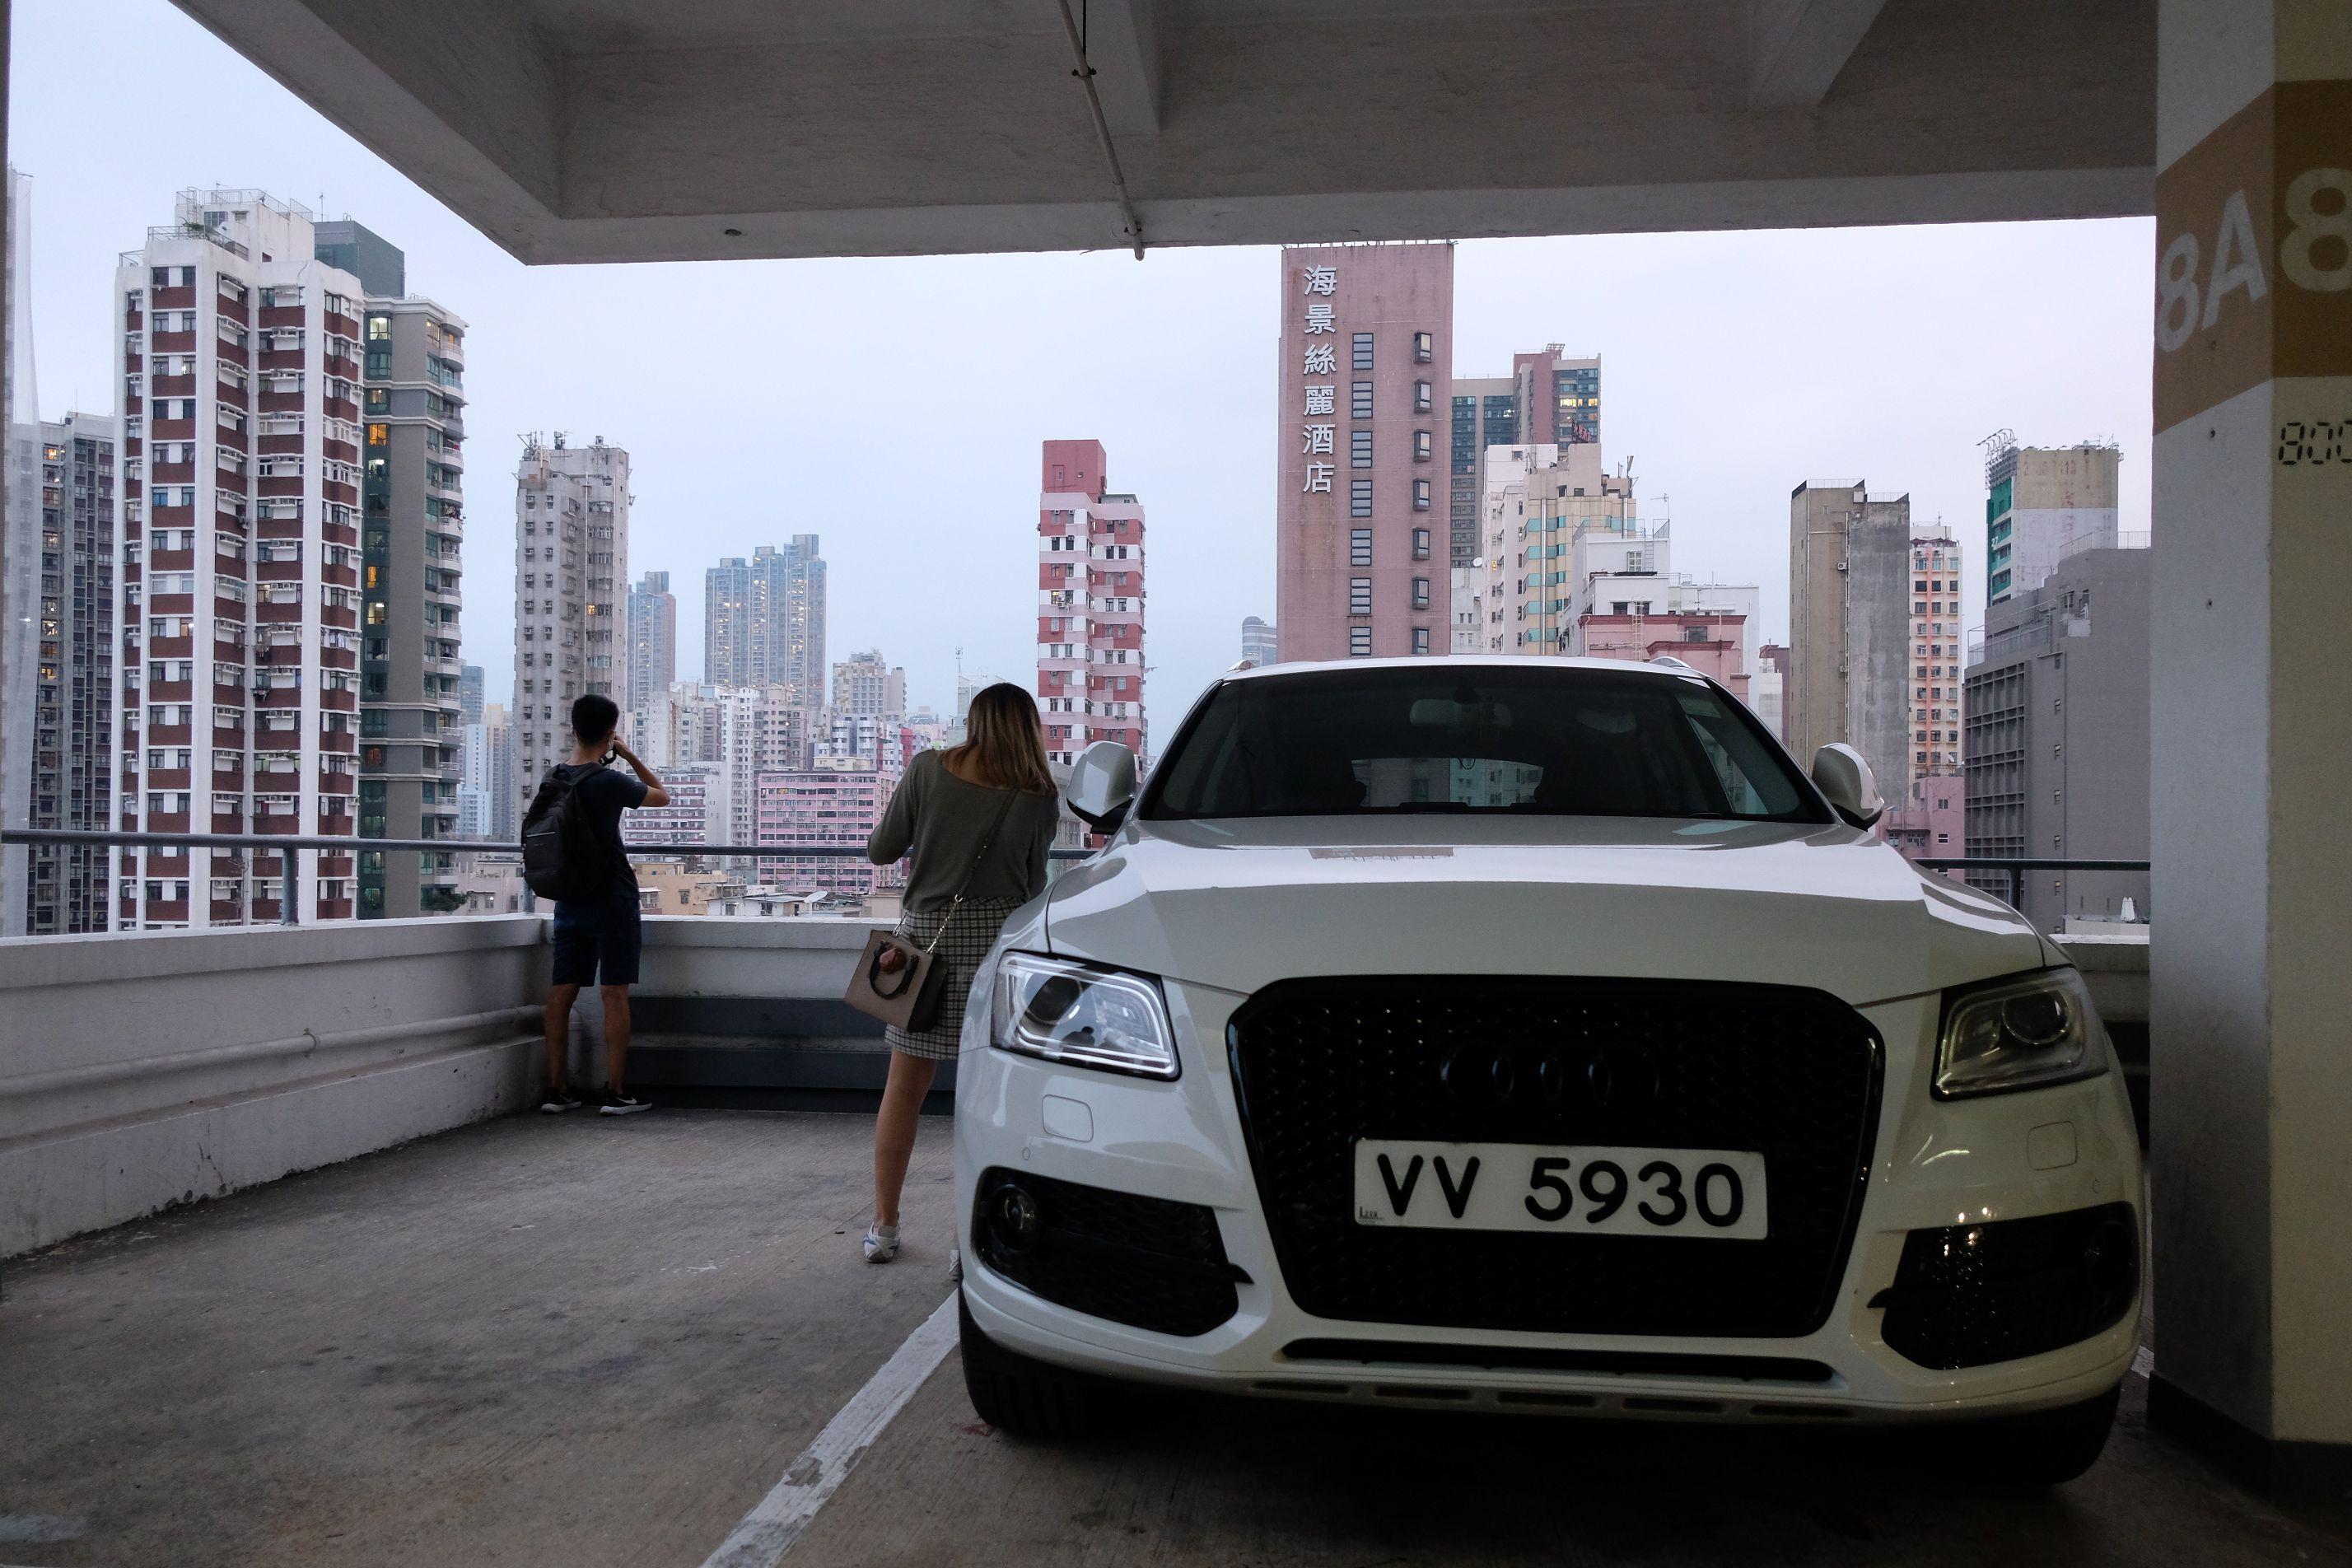 停車場高層是俯瞰廟街的最佳拍攝點,是廟街的網紅打卡點之一。(點新聞記者麥鈞傑攝)